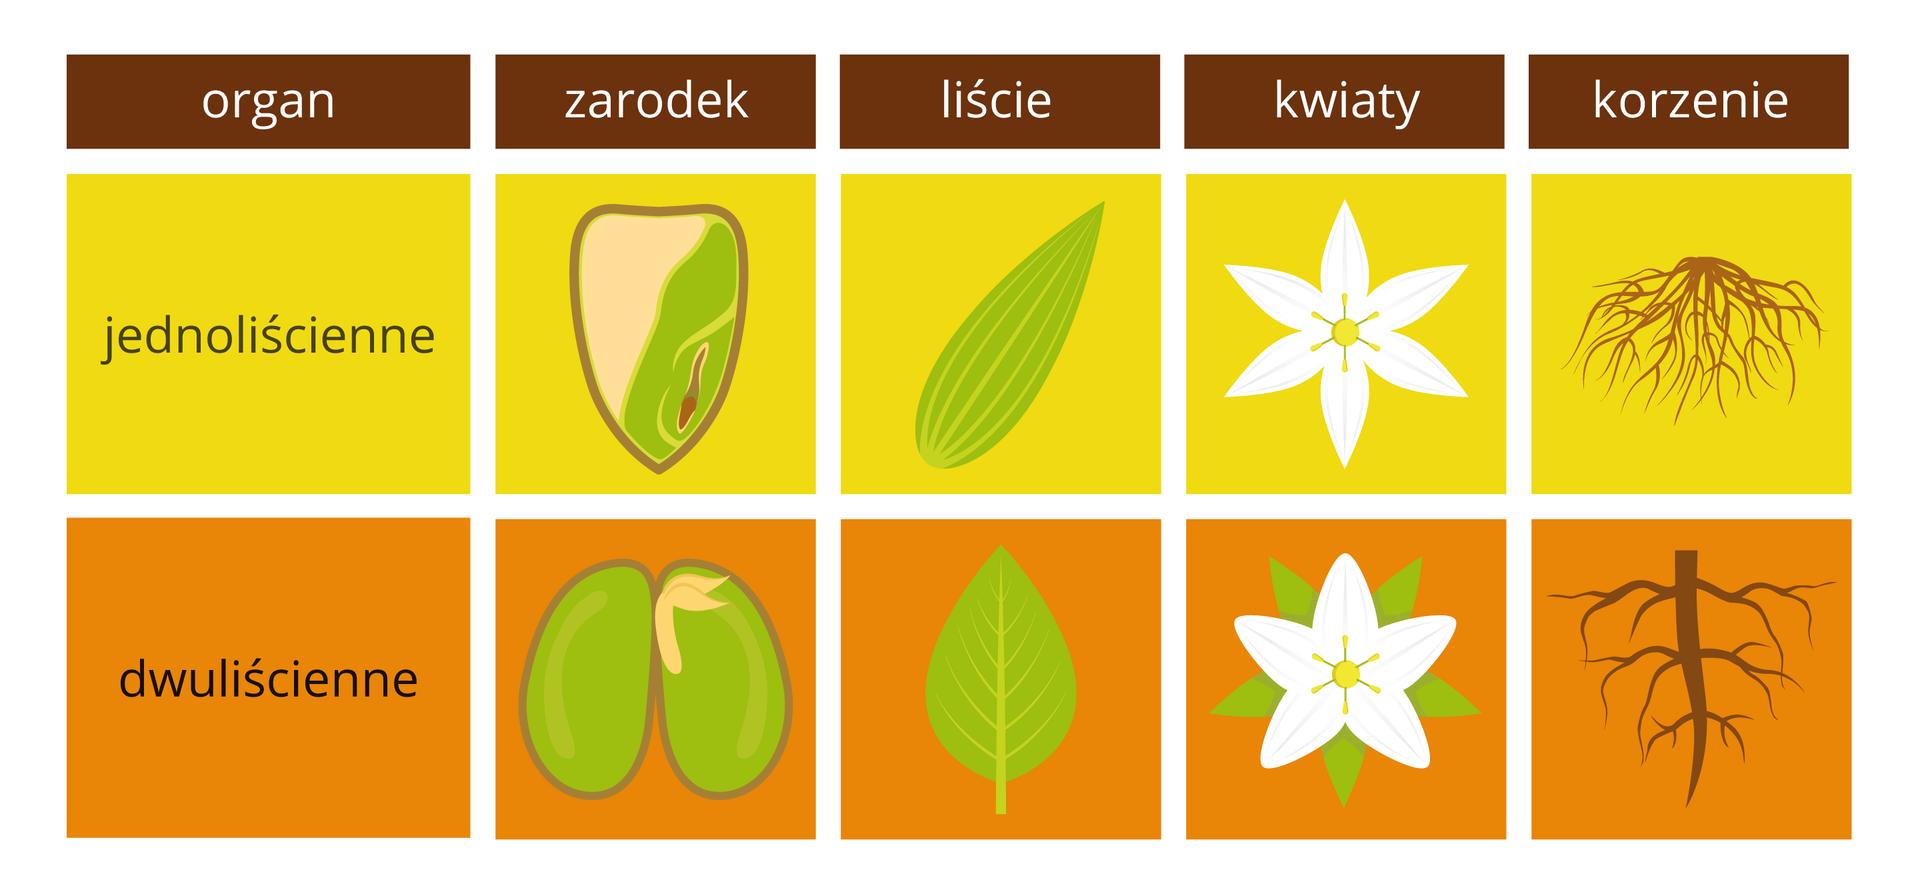 Ilustracja przedstawia porównanie cech roślin jednoliściennych (żółte prostokąty) idwuliściennych (pomarańczowe prostokąty) wformie tabeli. Ugóry wbrązowych prostokątach wypisano porównywane organy. Wżółtych ipomarańczowych kolumnach znajdują się rysunki organów roślin.